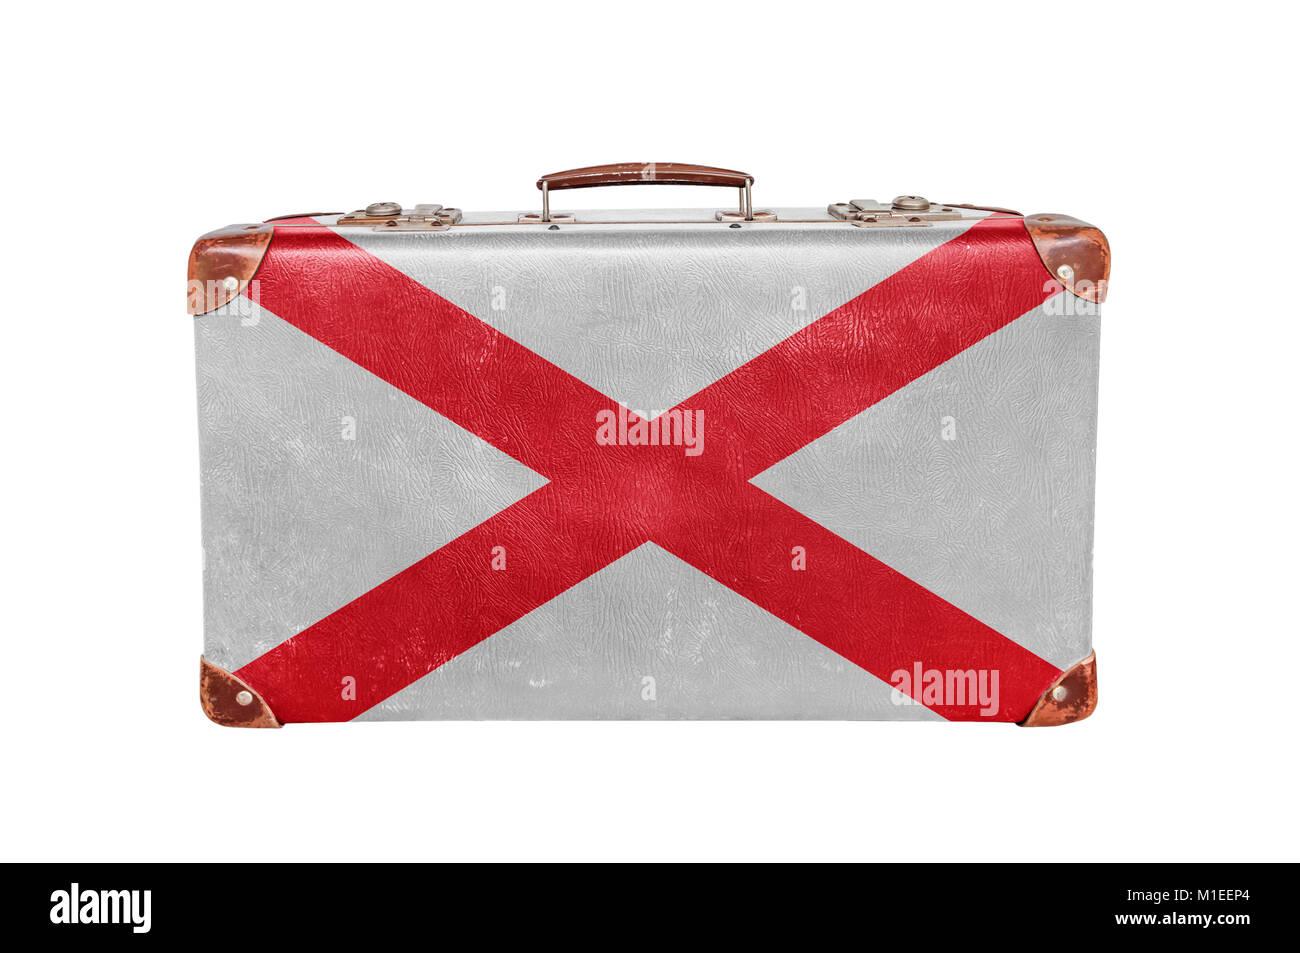 a9be34cfadcb92 Vintage valigia con Stati Uniti Alabama bandiera Immagini Stock